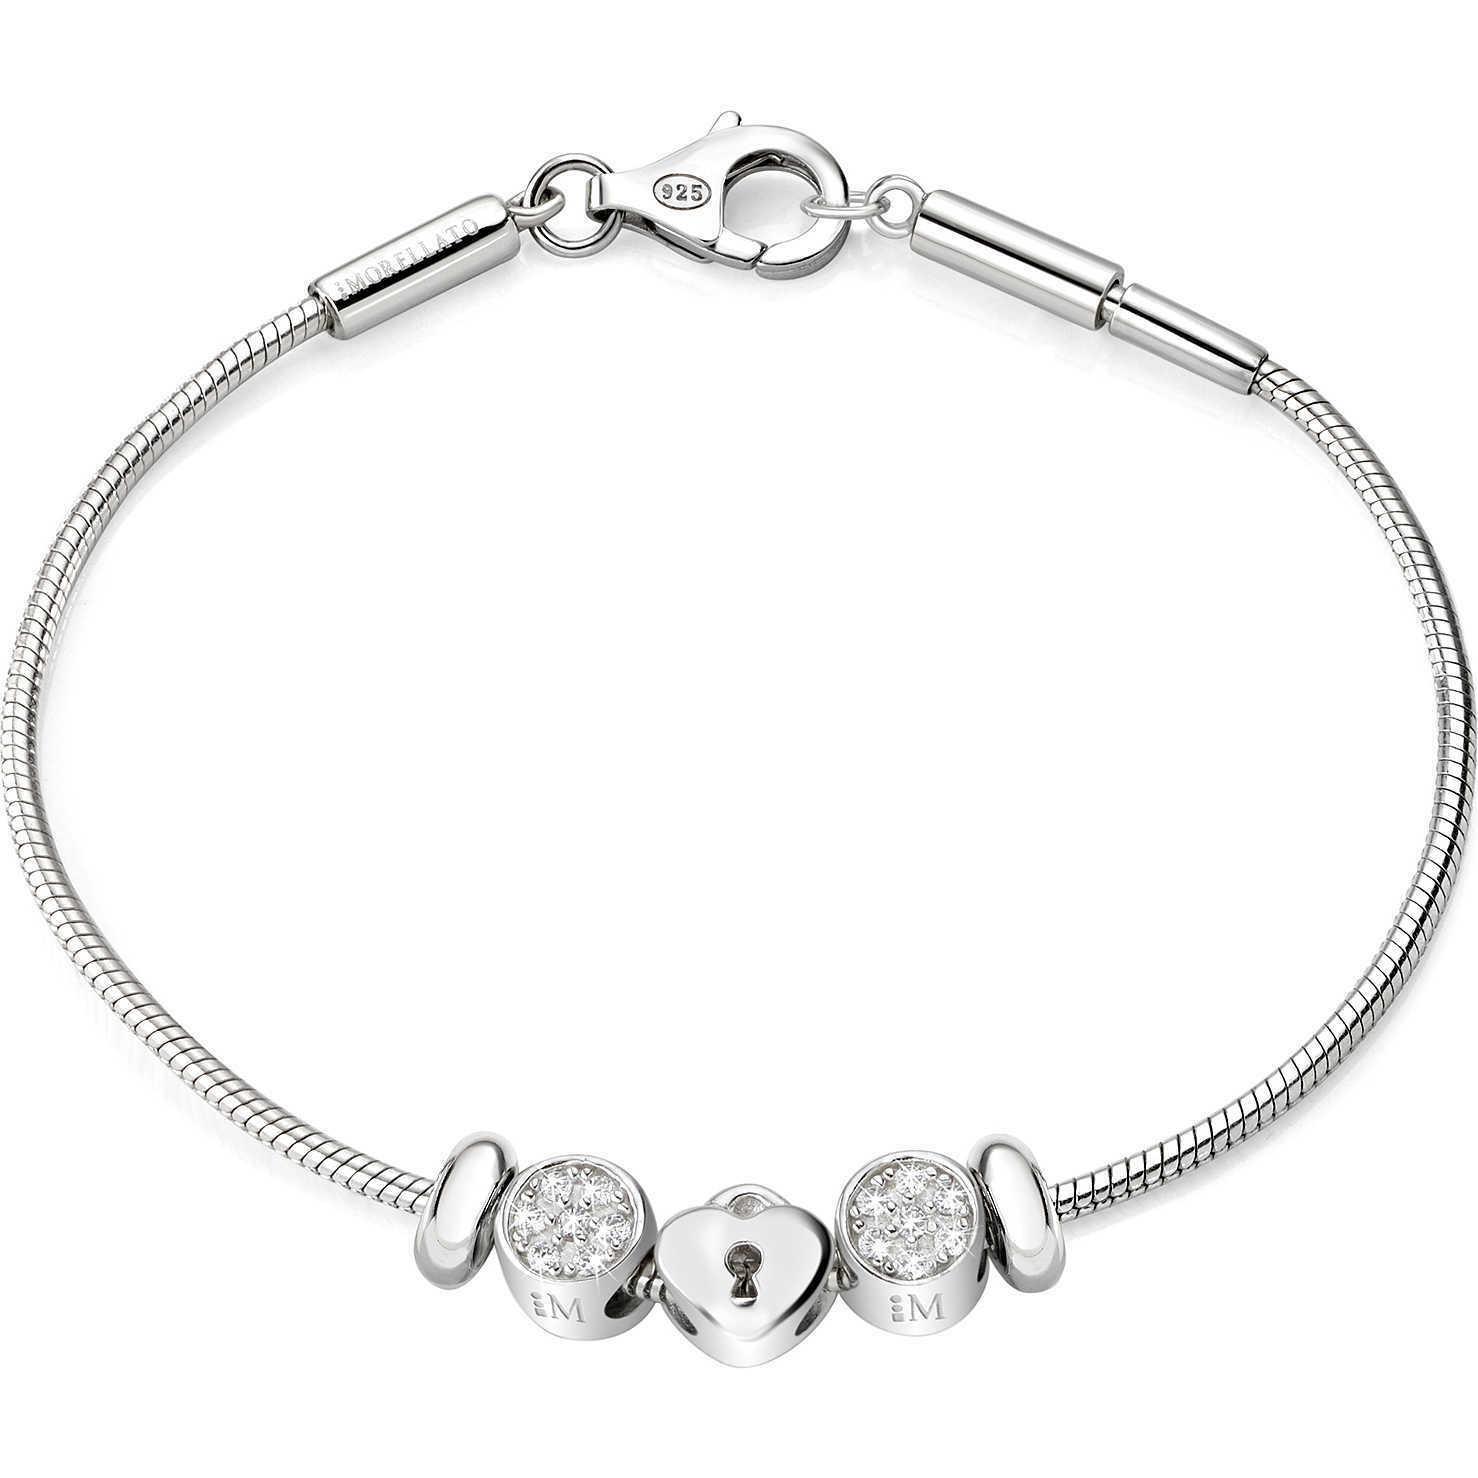 Bracciale donna in argento 925  Gioielli Morellato con charm cuore SAFZ76